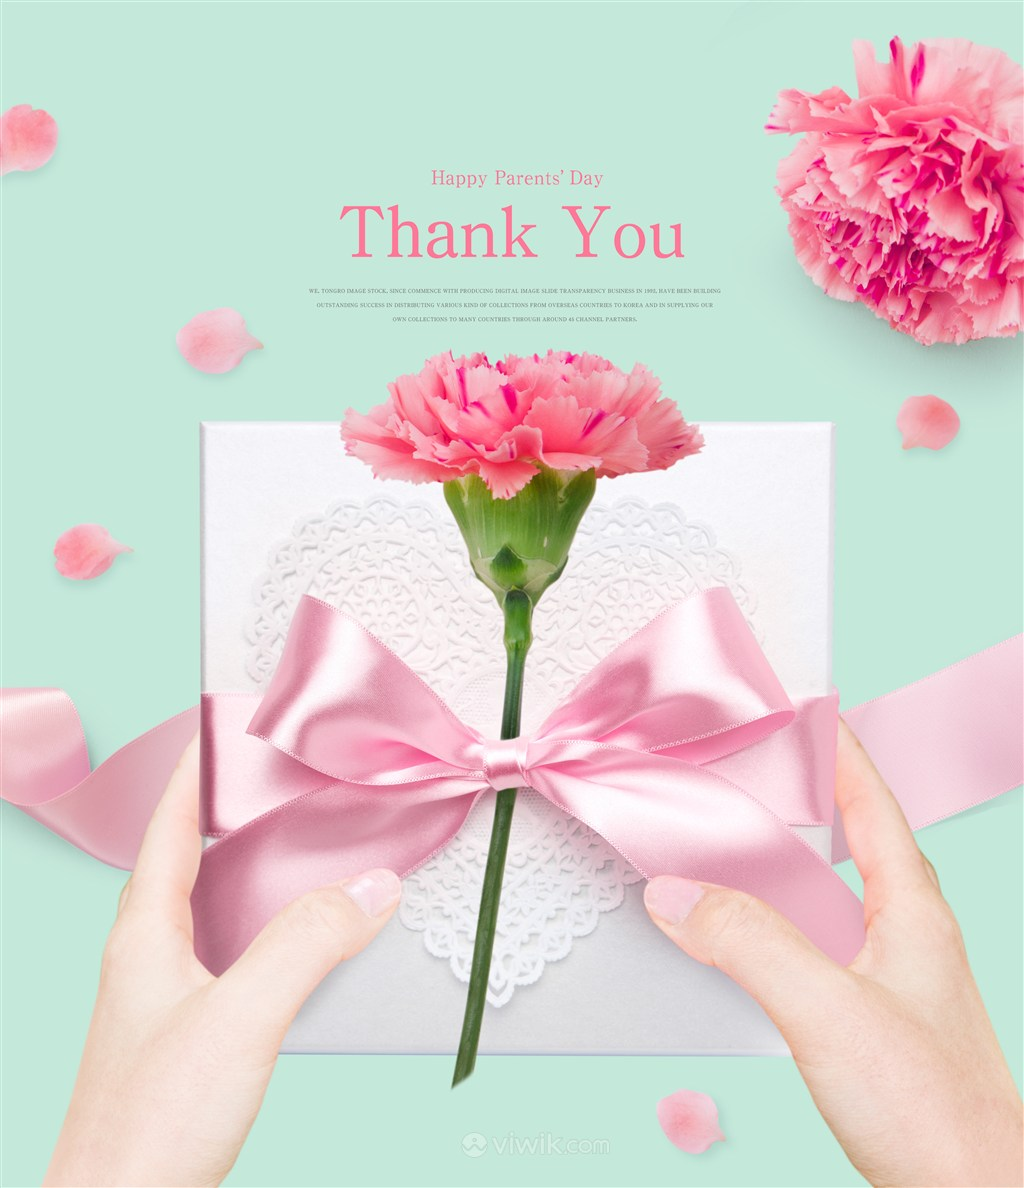 粉色蝴蝶结礼盒康乃馨母亲节海报模板